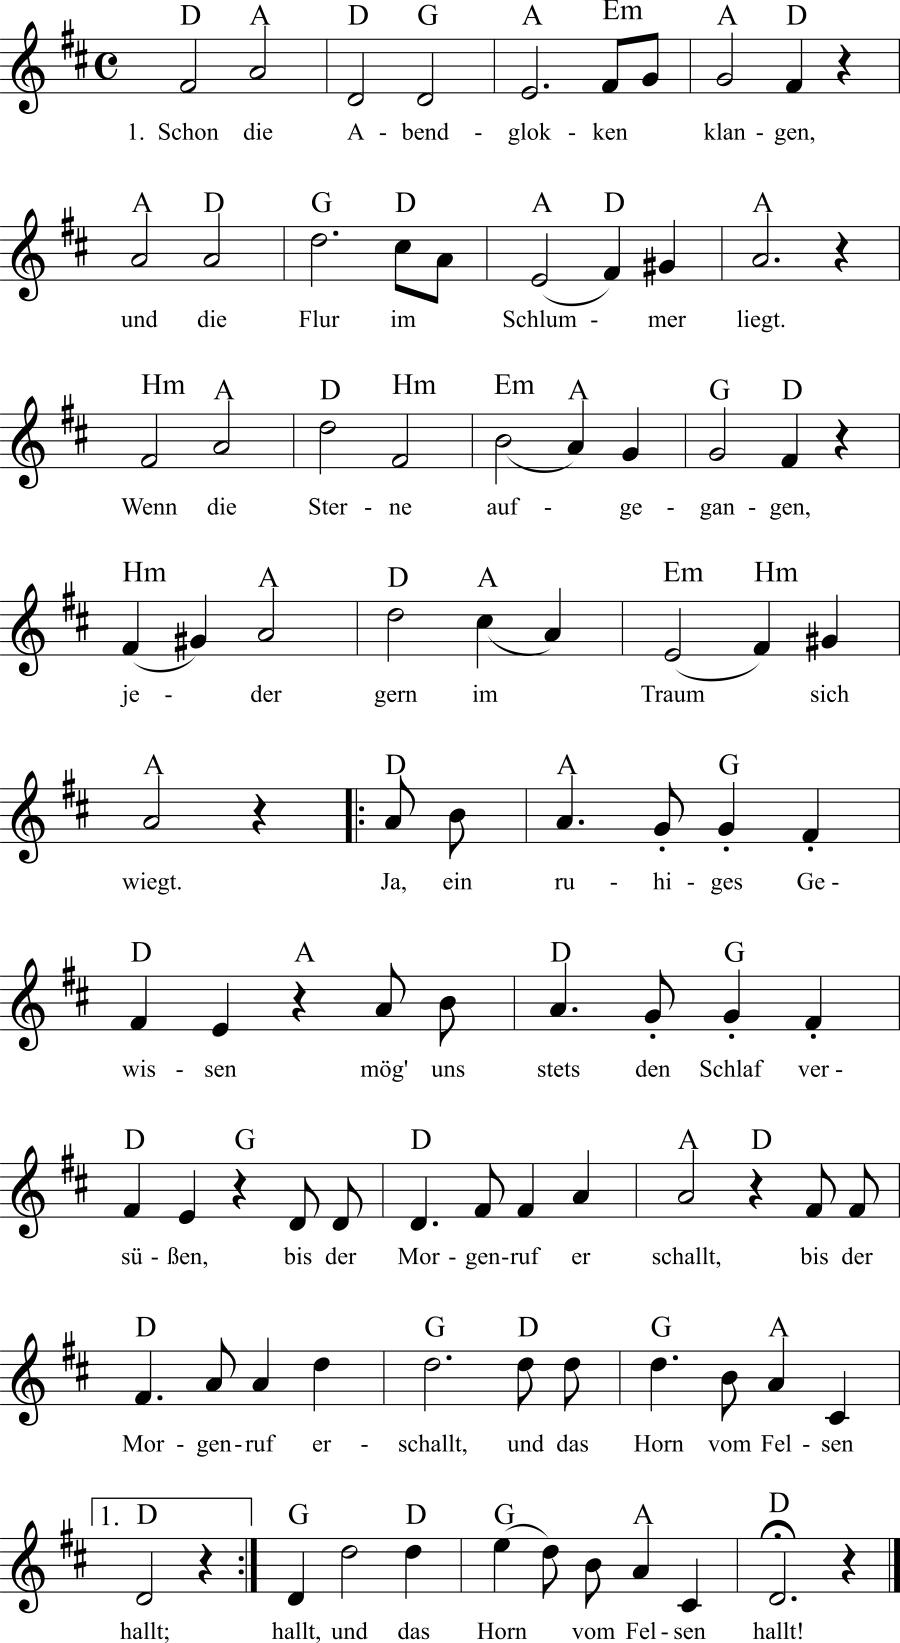 Musiknoten zum Lied Abendfrieden